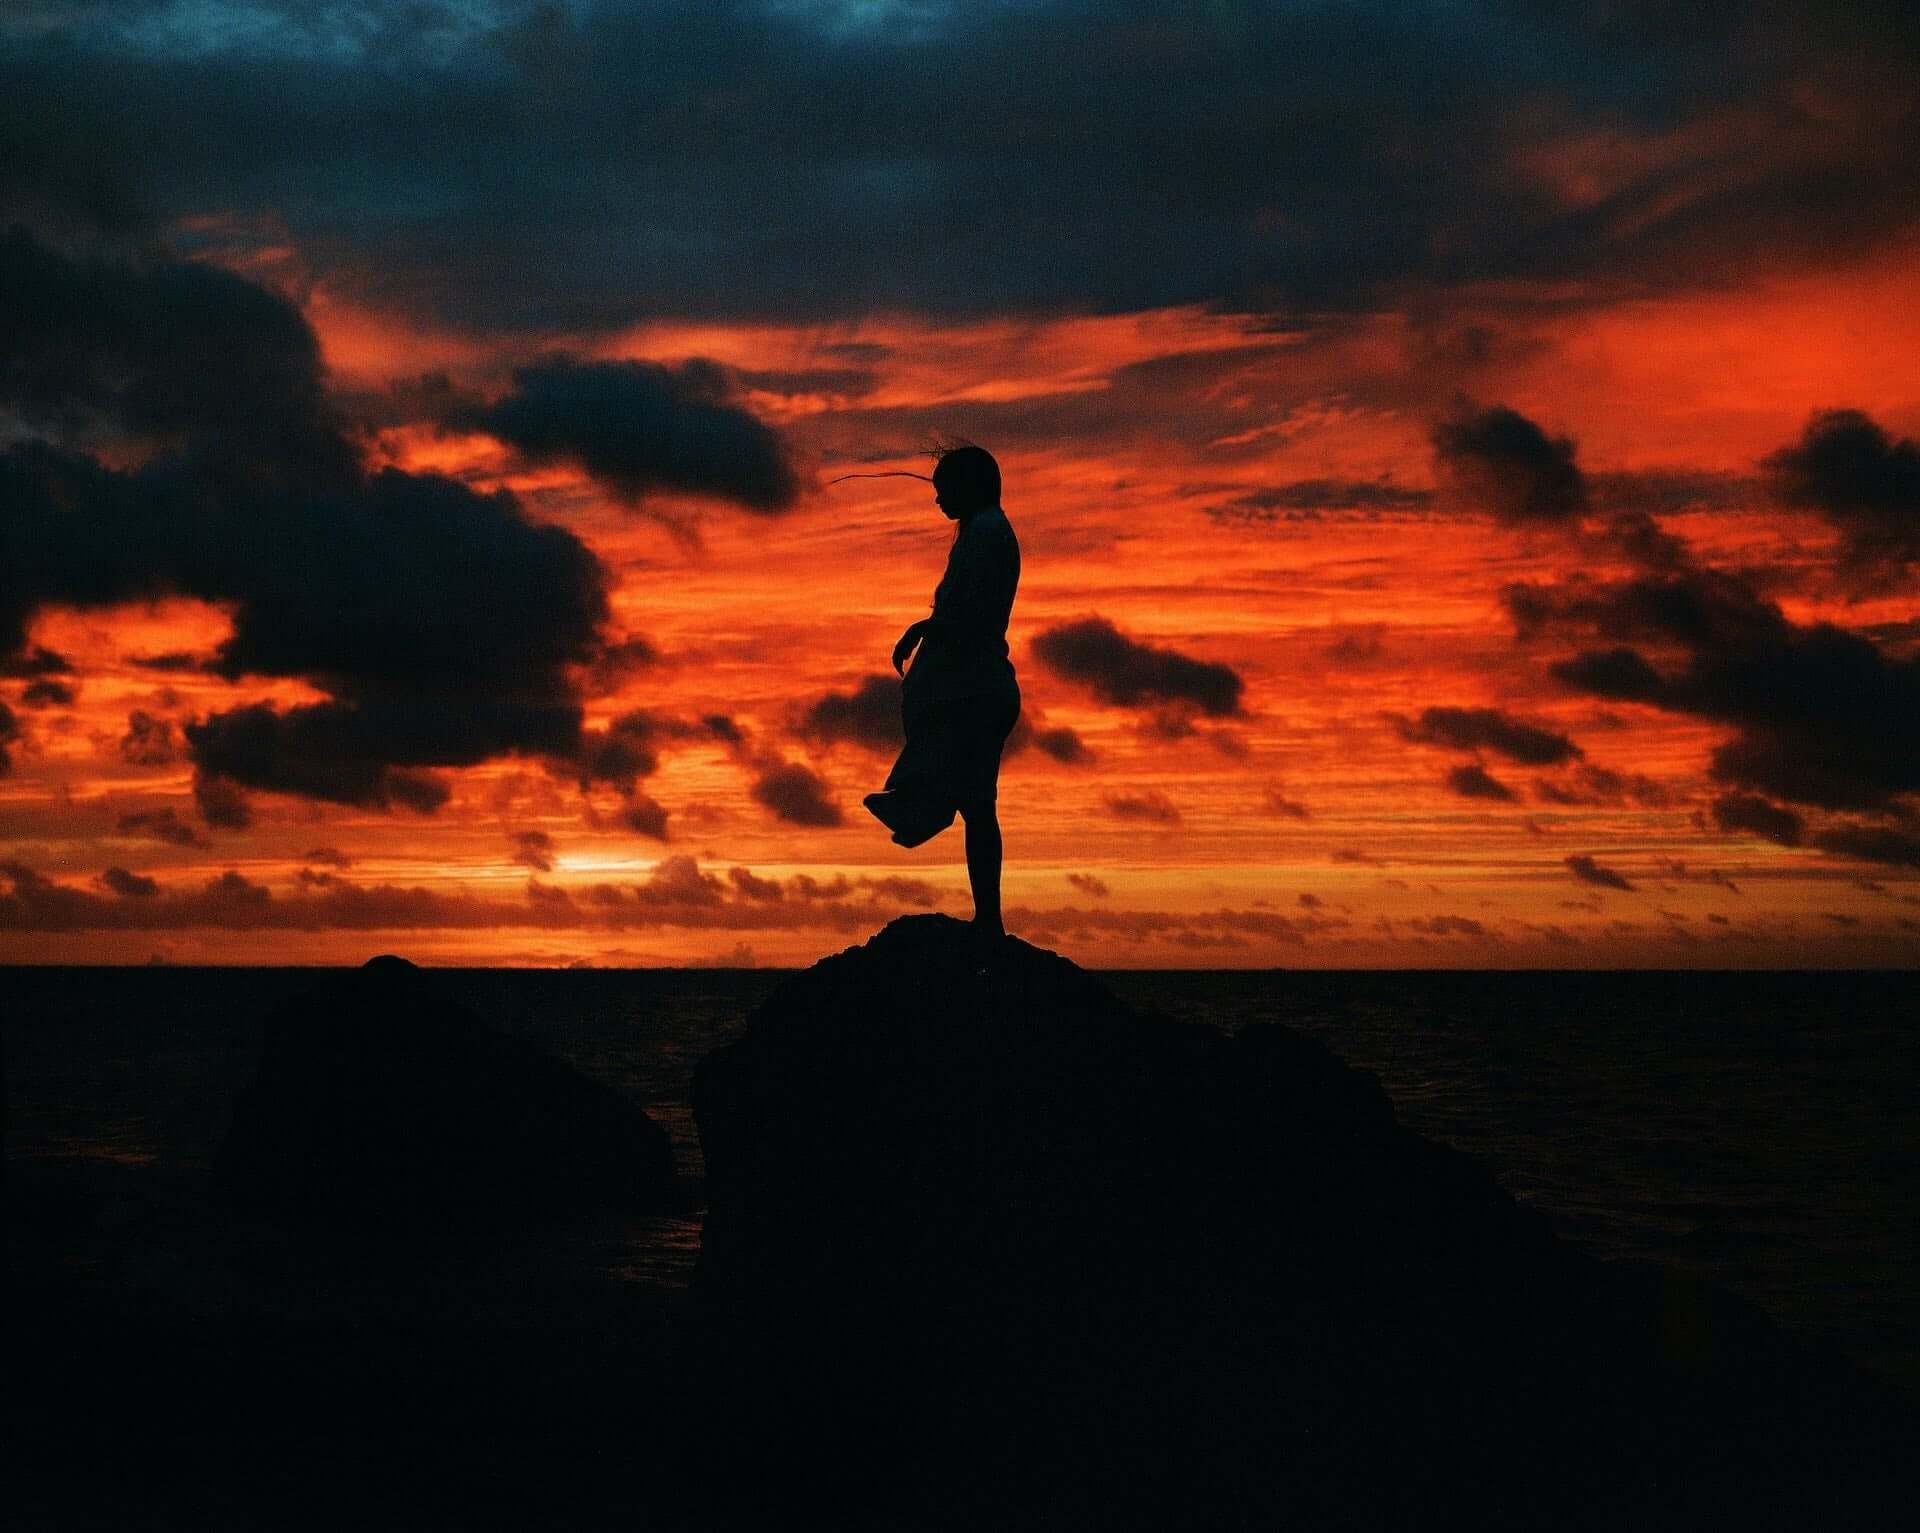 青葉市子が原美術館のコンサートシリーズに出演決定!最新作『アダンの風』発売日に<LIVEWIRE>にて生配信 music201116_livewire-aobaichiko_3-1920x1533